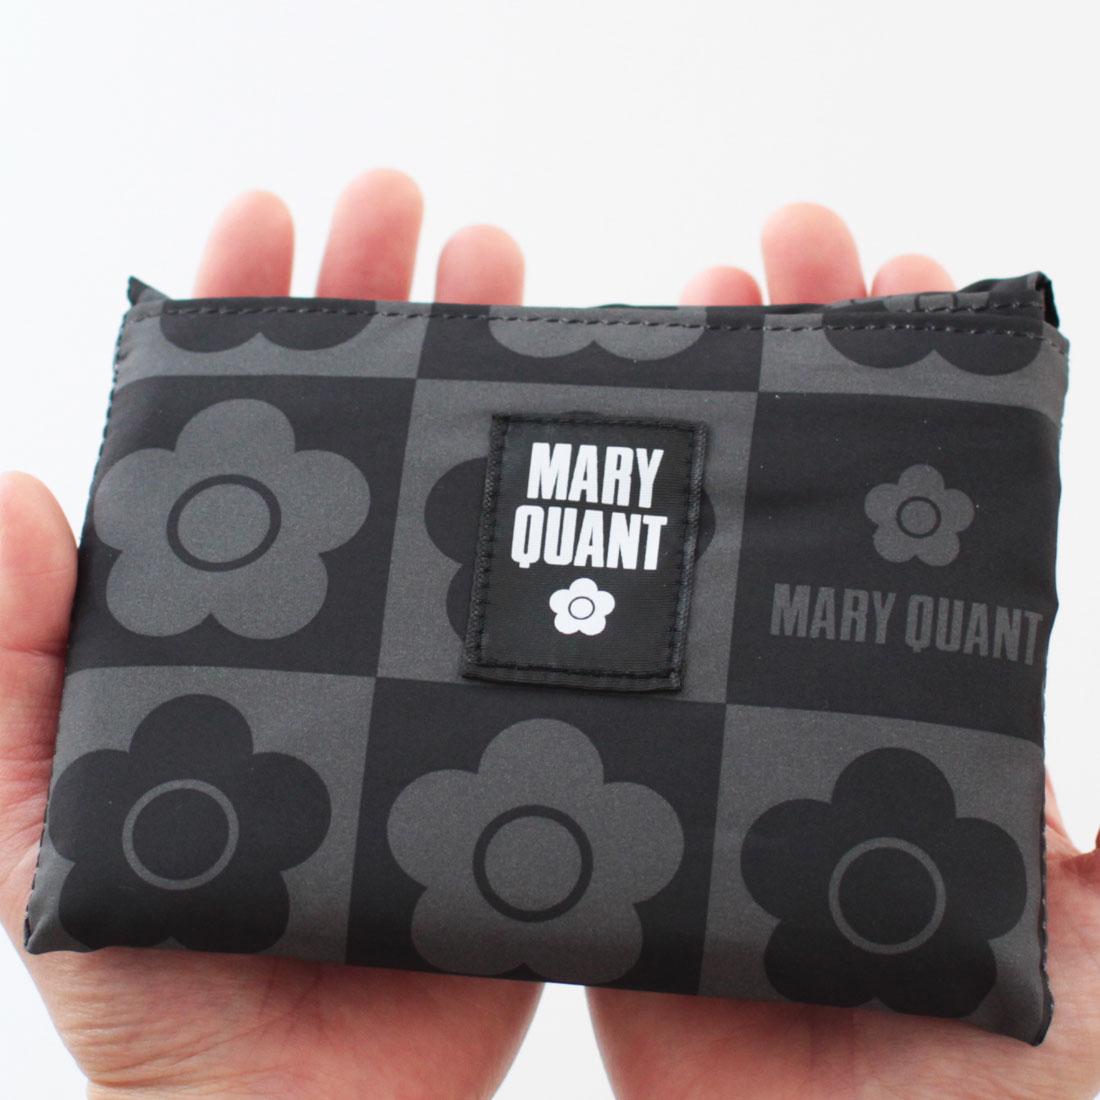 マリークヮント 洗える エコバッグ/マイバッグ(大) 1202 ブラック 【MARY QUANT】